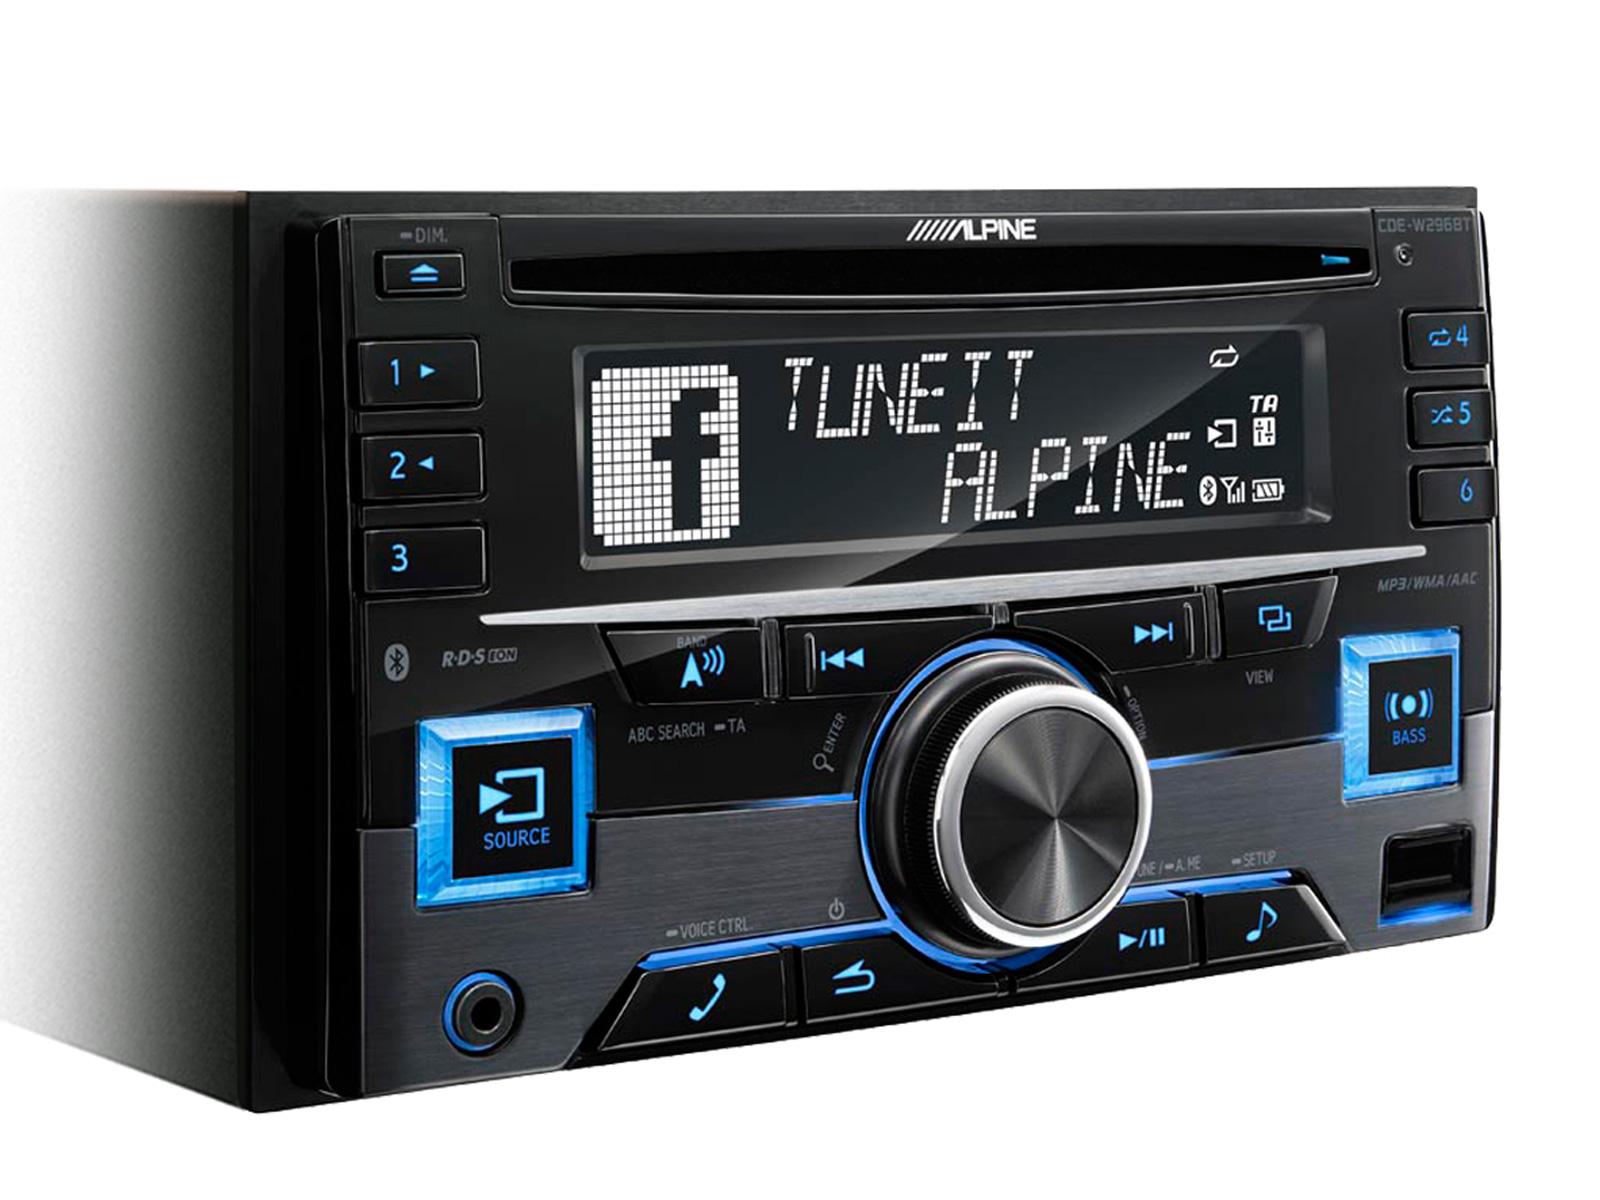 Receptor de CD 2-DIN / Controlador de USB e iPod® com Bluetooth® CDE-W296BT